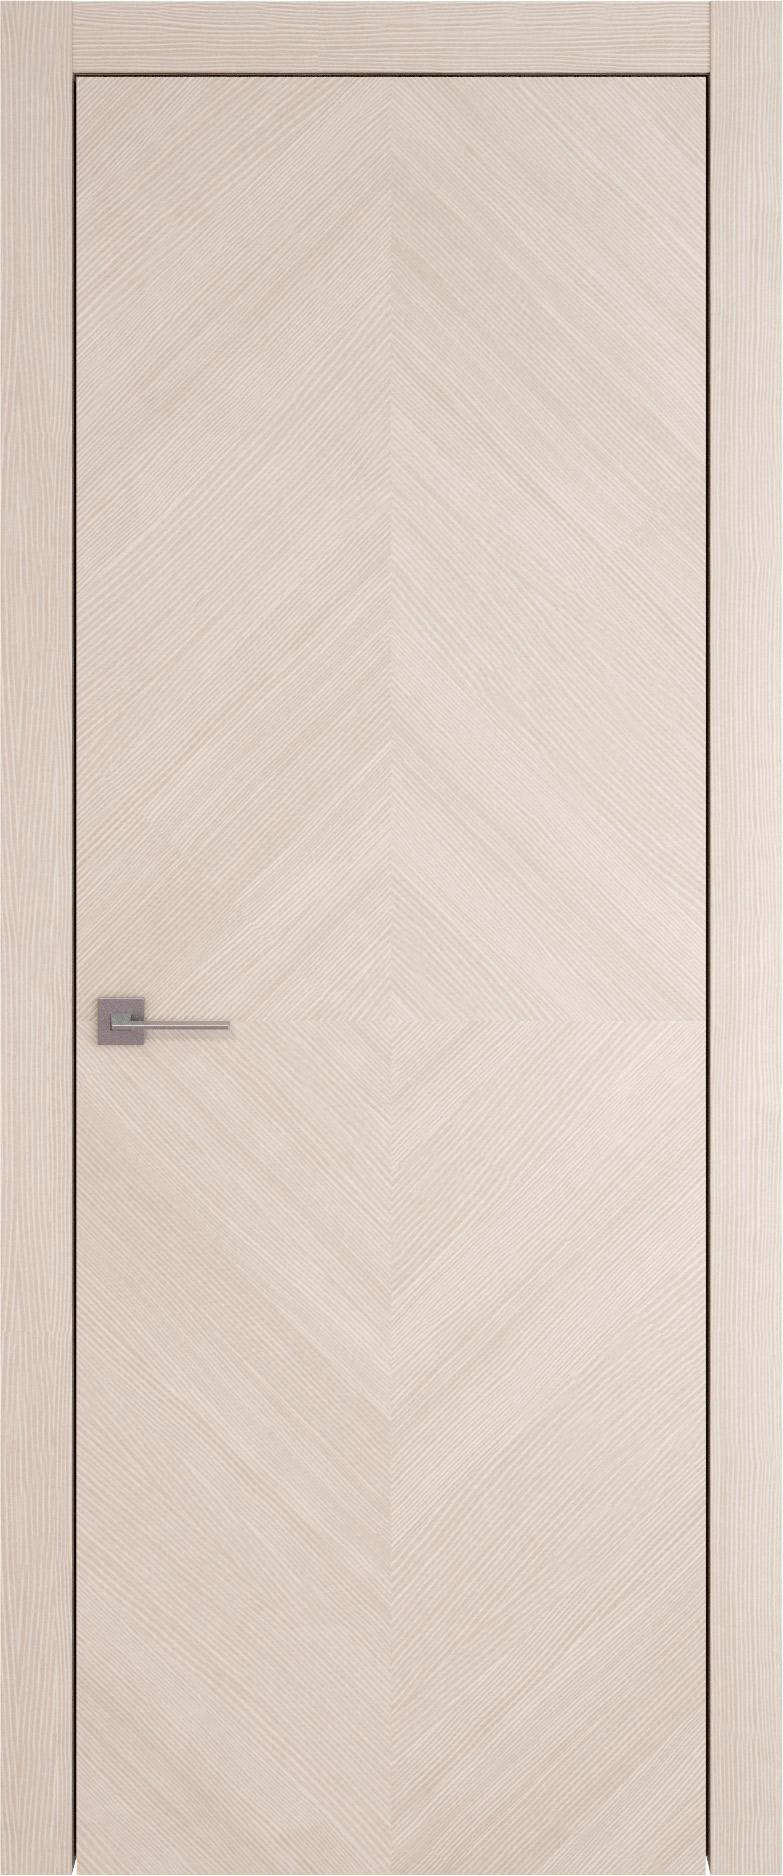 Tivoli К-1 цвет - Беленый дуб Без стекла (ДГ)